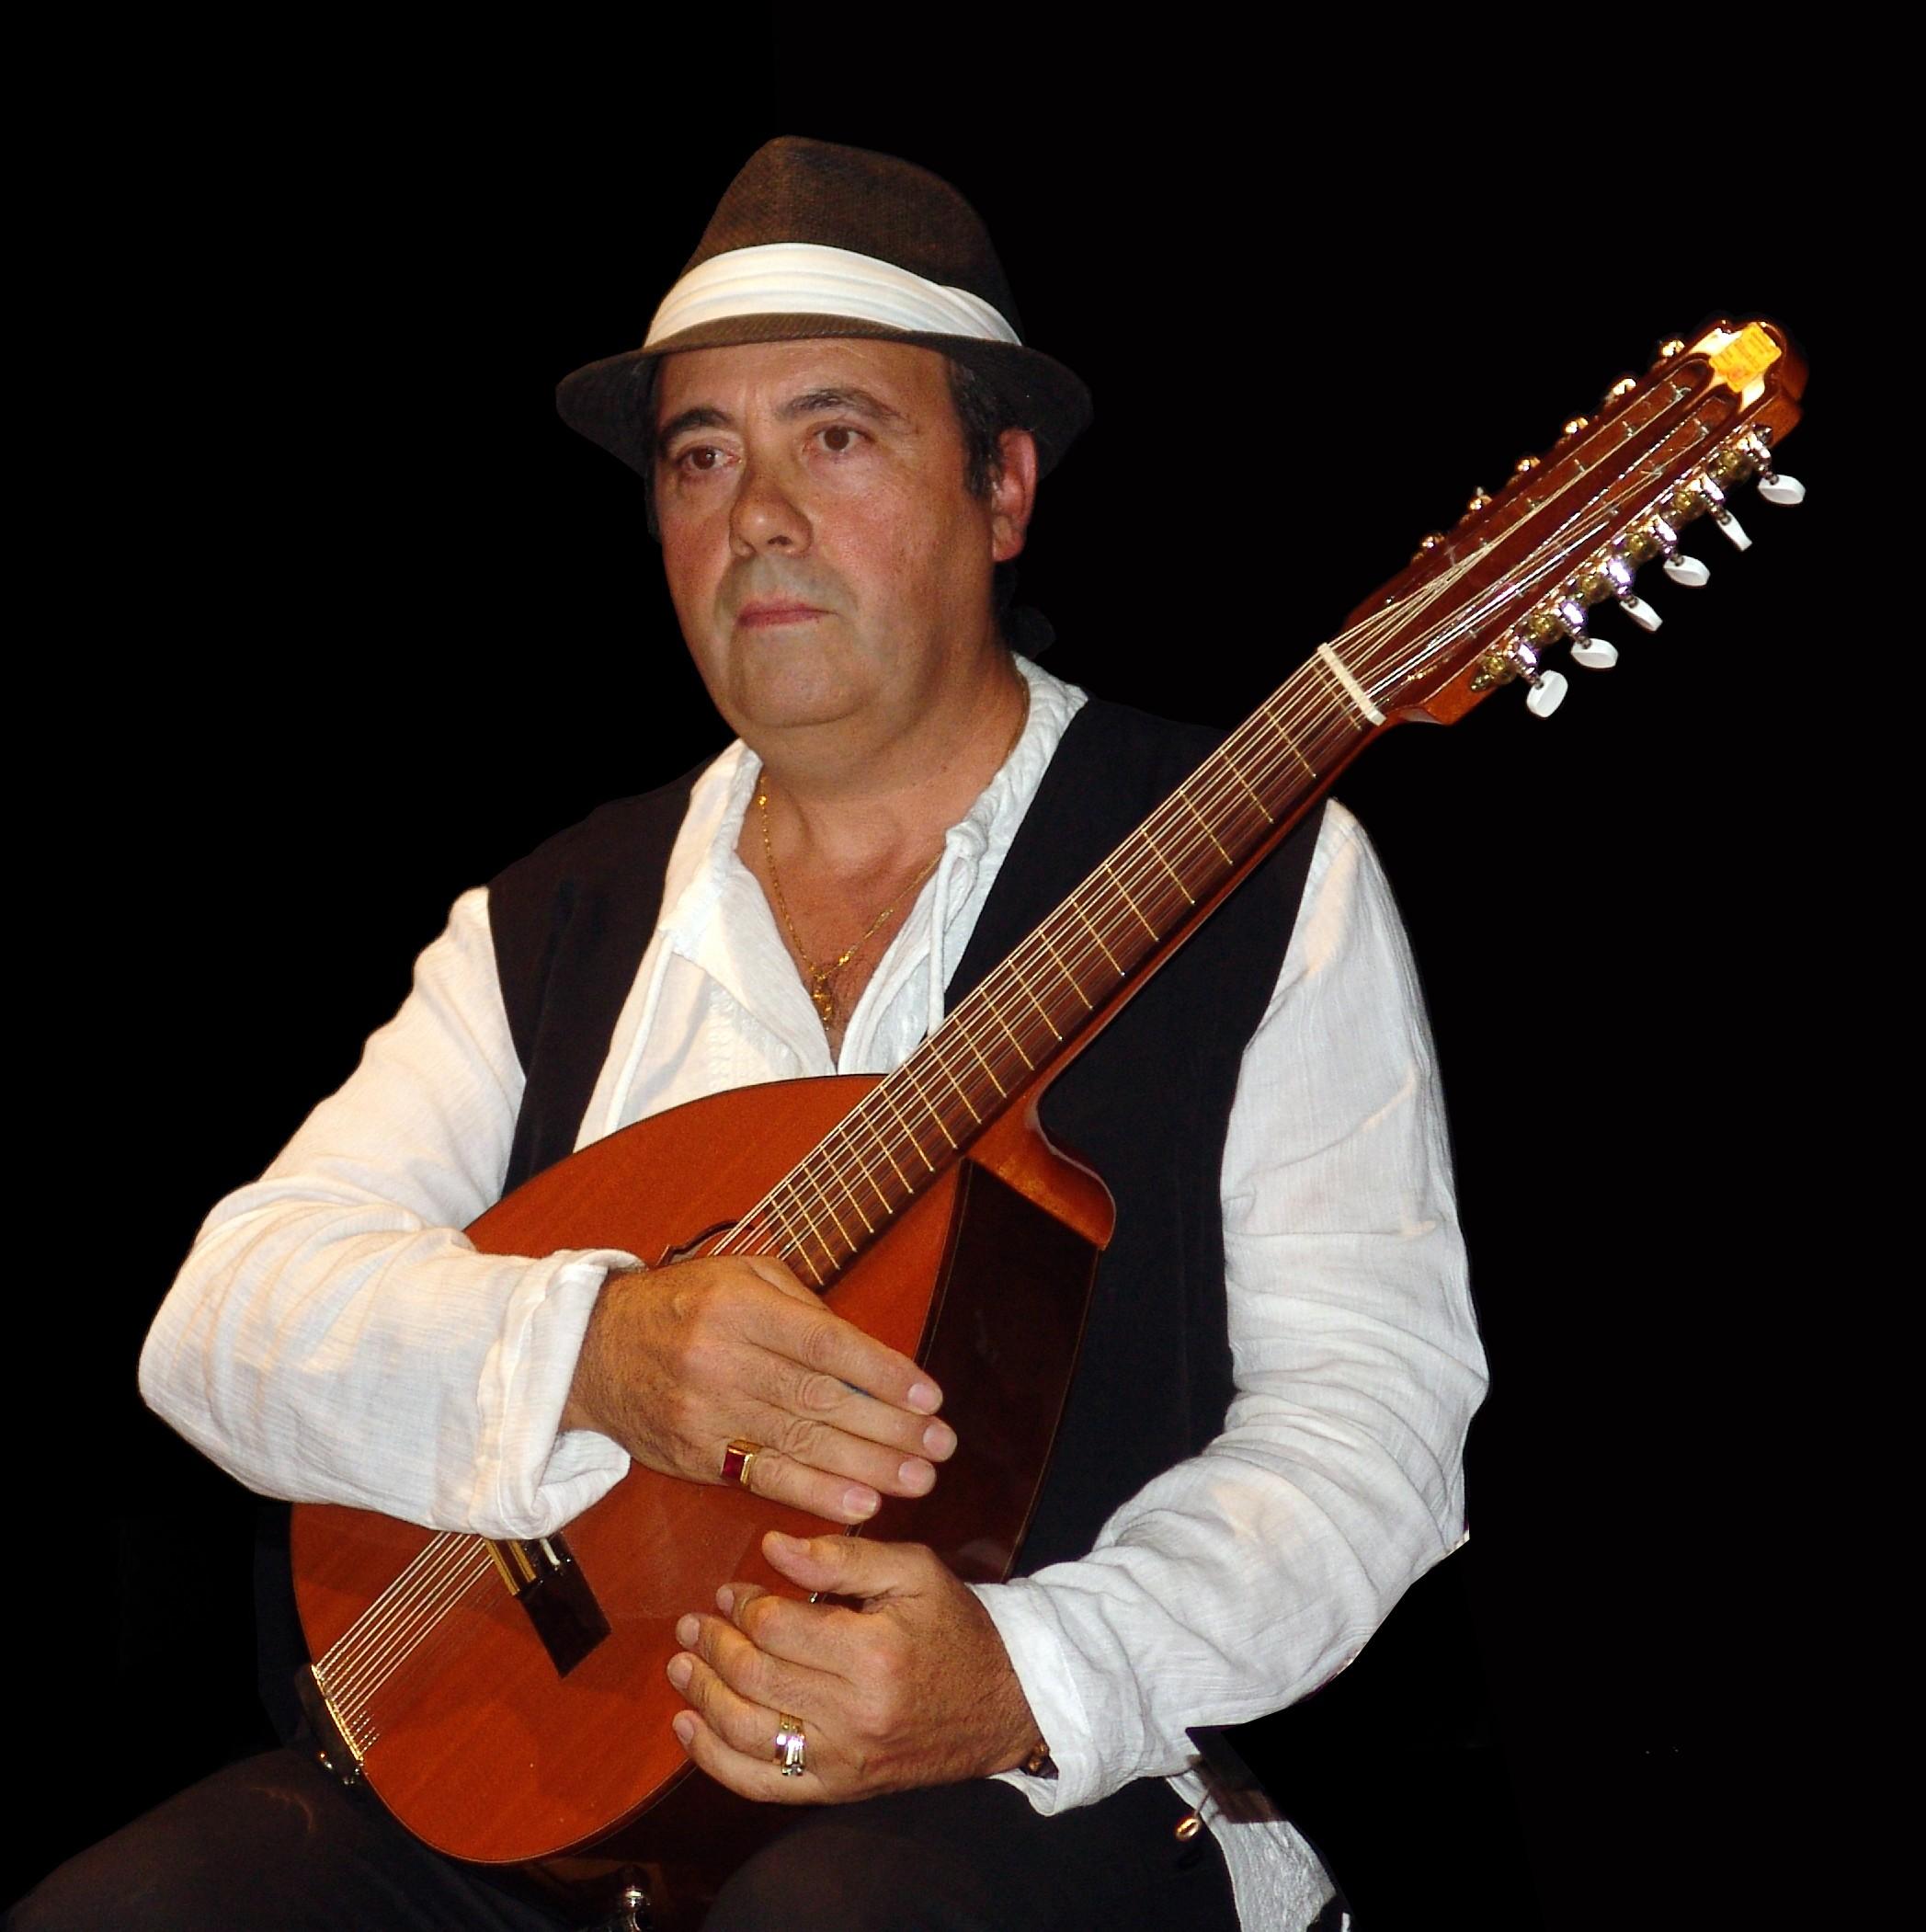 Ángel González Sánchez